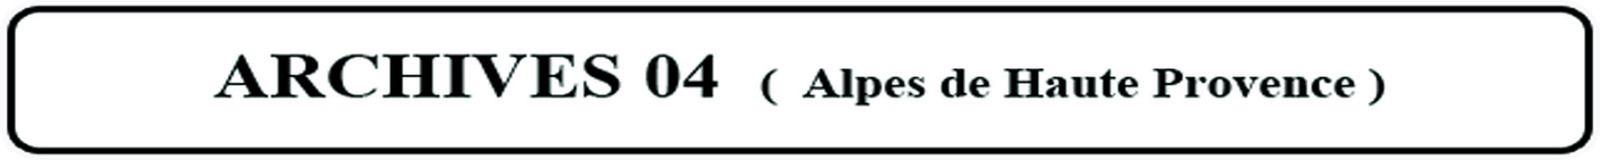 ARCHIVES VILLES et VILLAGES des ALPES de HAUTE PROVENCE - goelandmedia.prod@gmail.com (c)